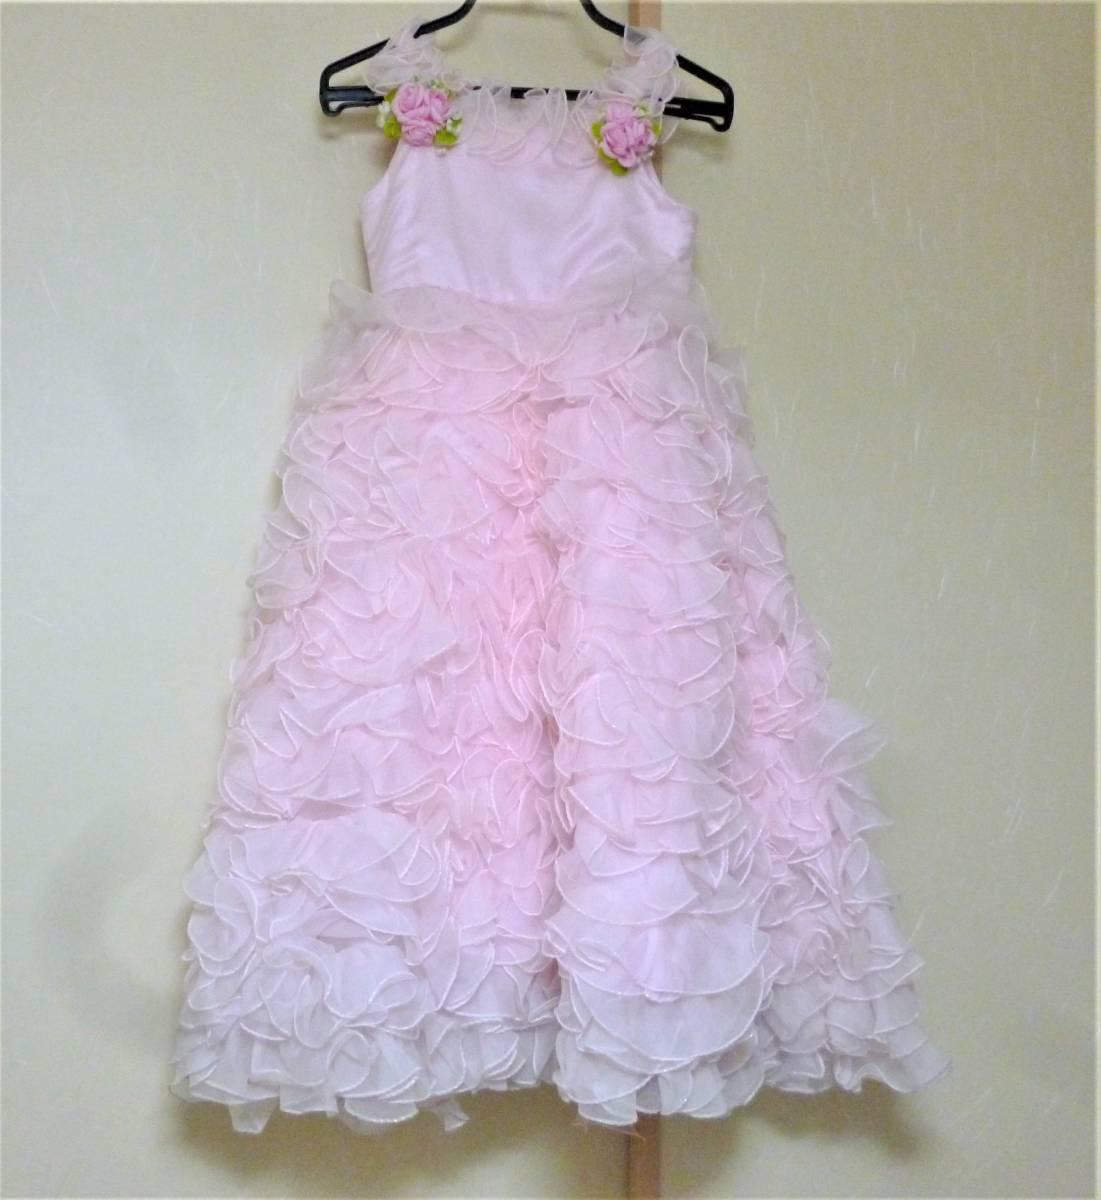 f5a70b7a701df ヤフオク! - ピンクのフリフリドレス☆110 発表会 結婚式